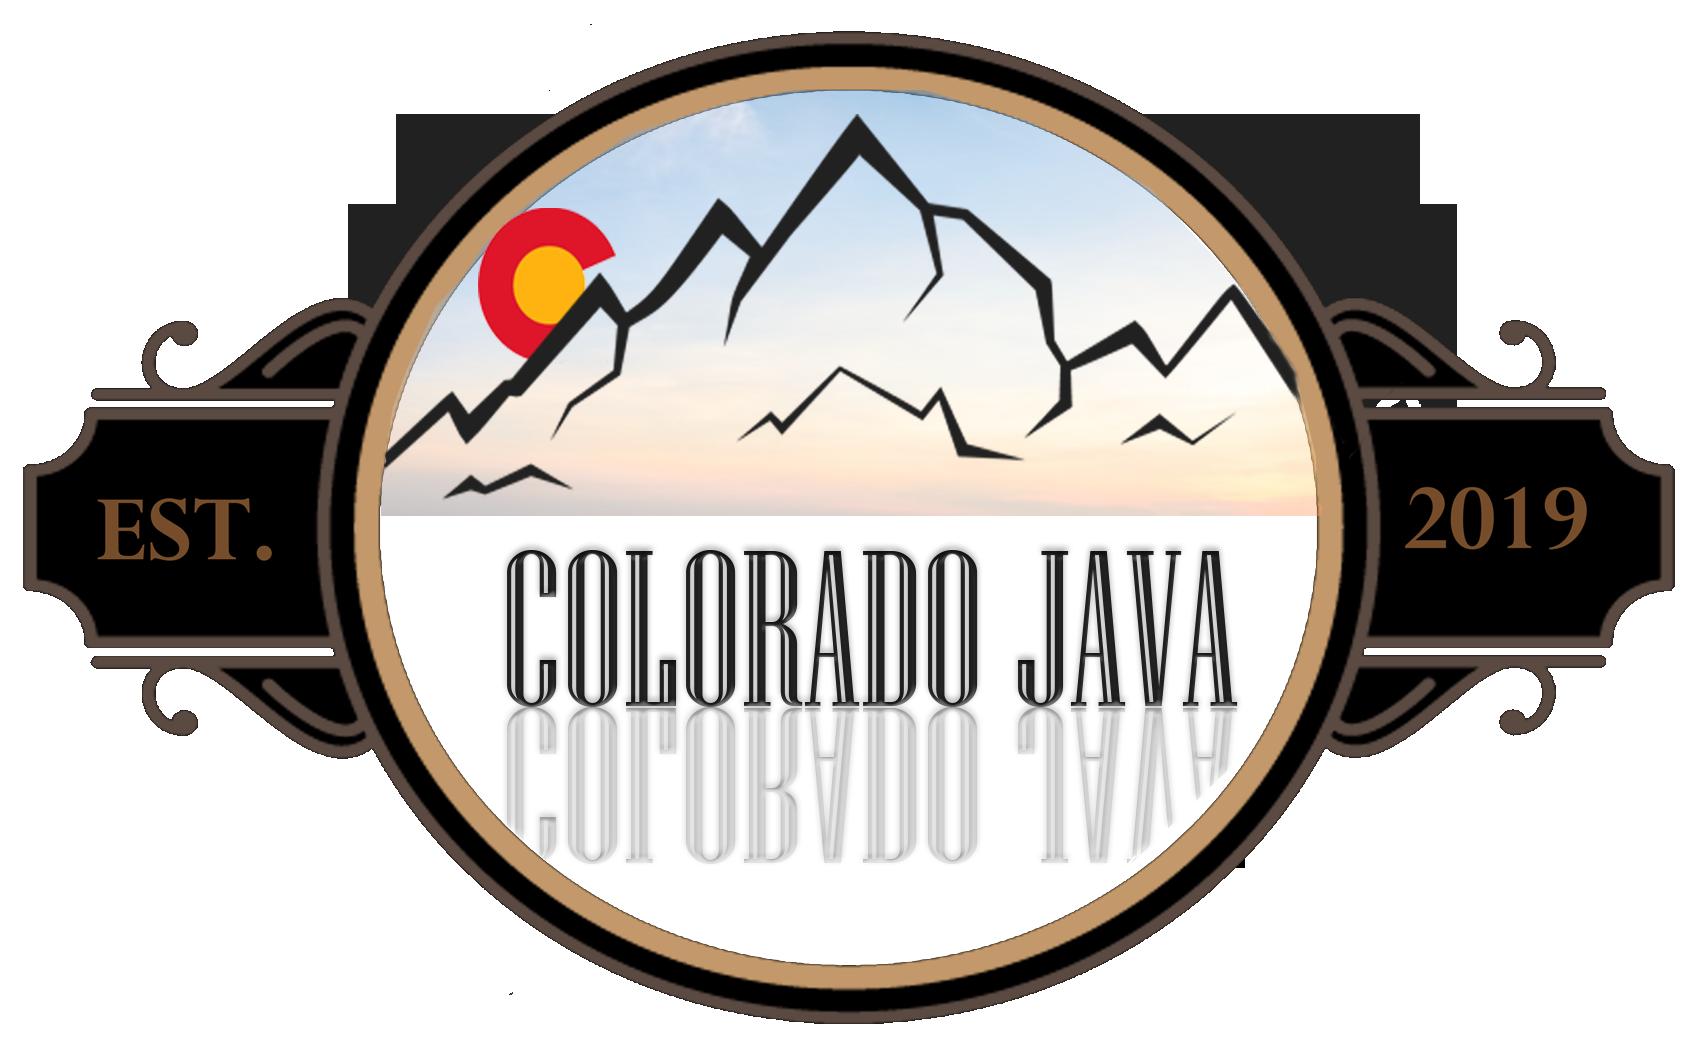 Colorado Java